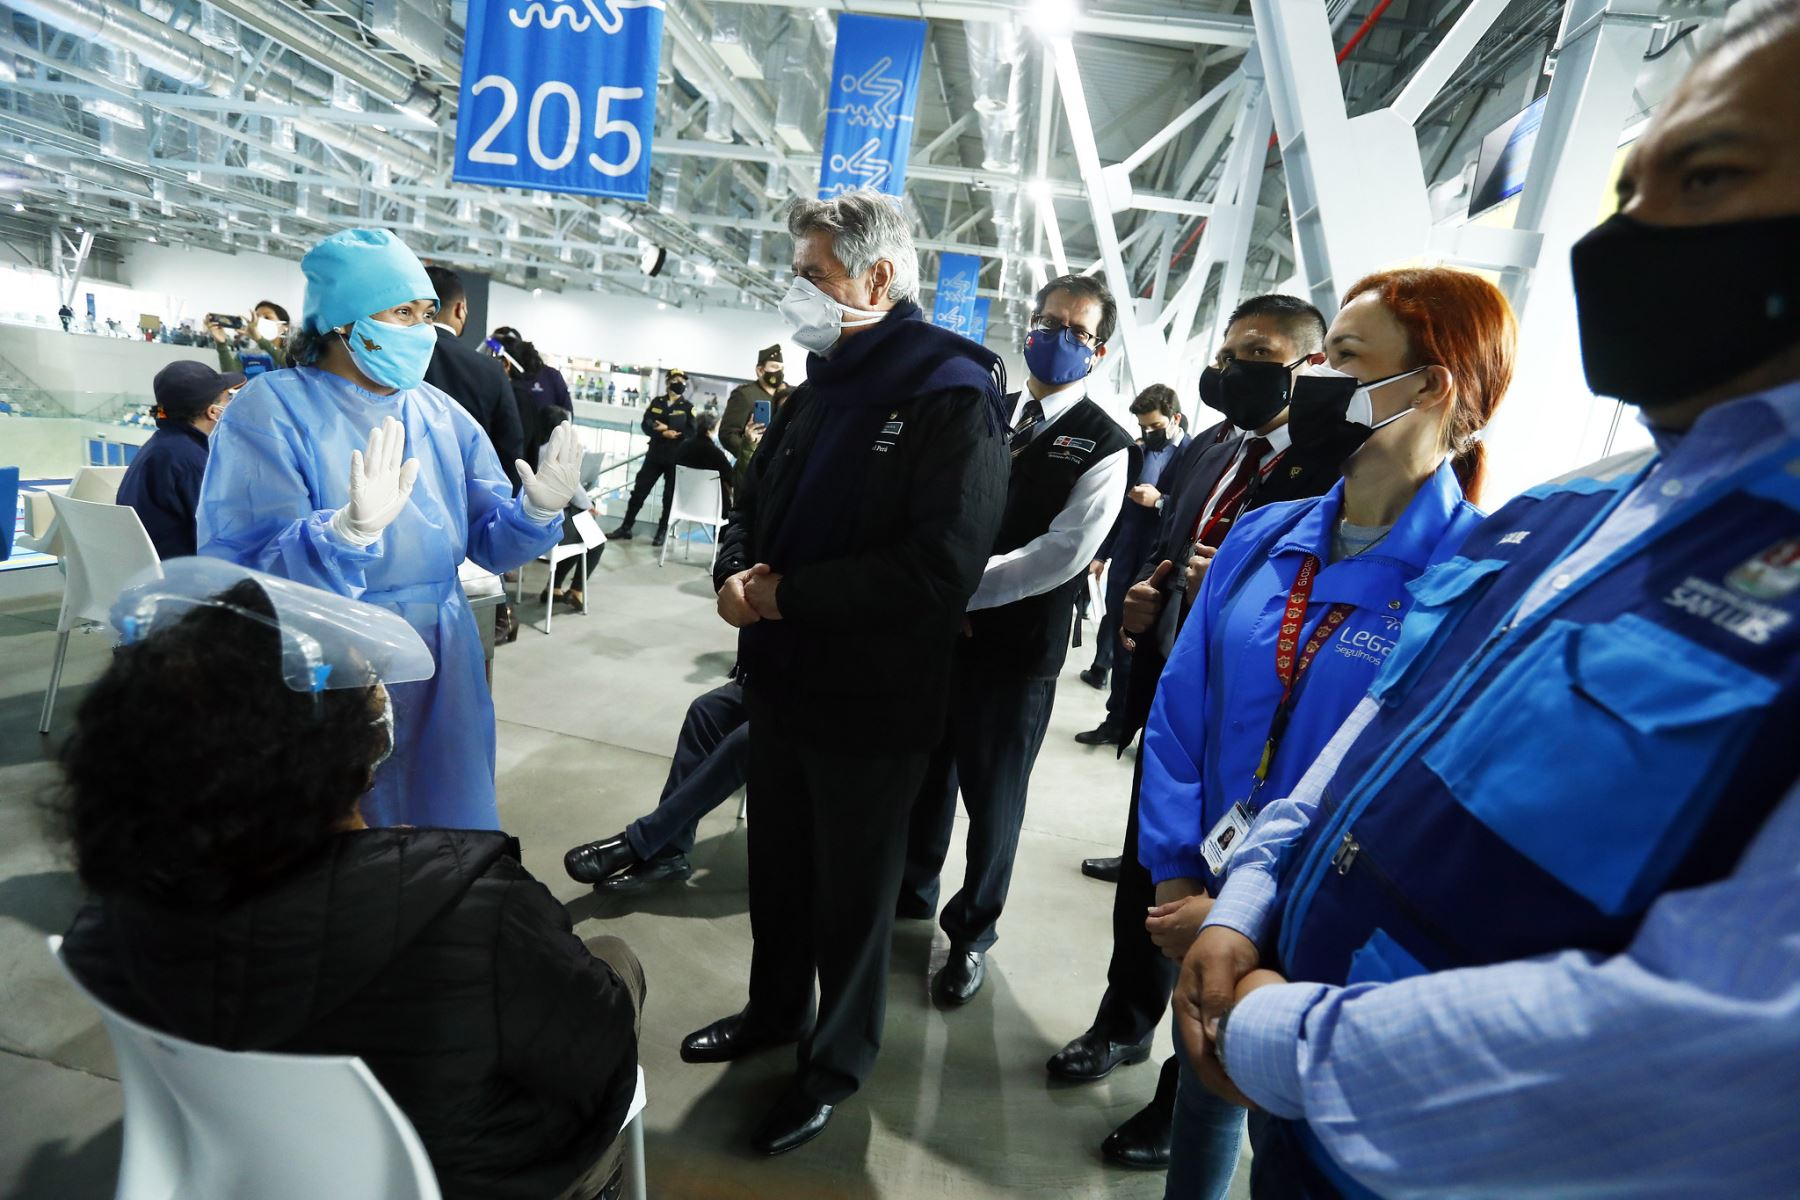 El Presidente de la República, Francisco Sagasti, supervisa el proceso de vacunación contra el covid-19 que se desarrolla en la Villa Deportiva Nacional (Videna), en el distrito de San Luis. Foto: ANDINA/Prensa Presidencia